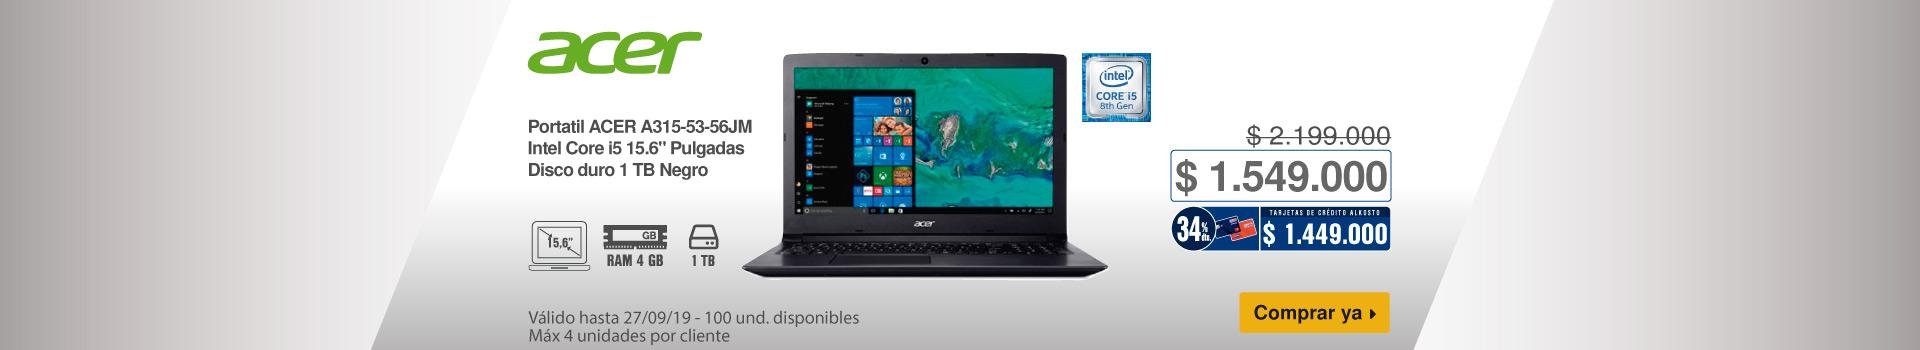 AK-KT-Acer-port-56JM-Ci5-NgCATCOM1-Computadoresytablets21_septiembre